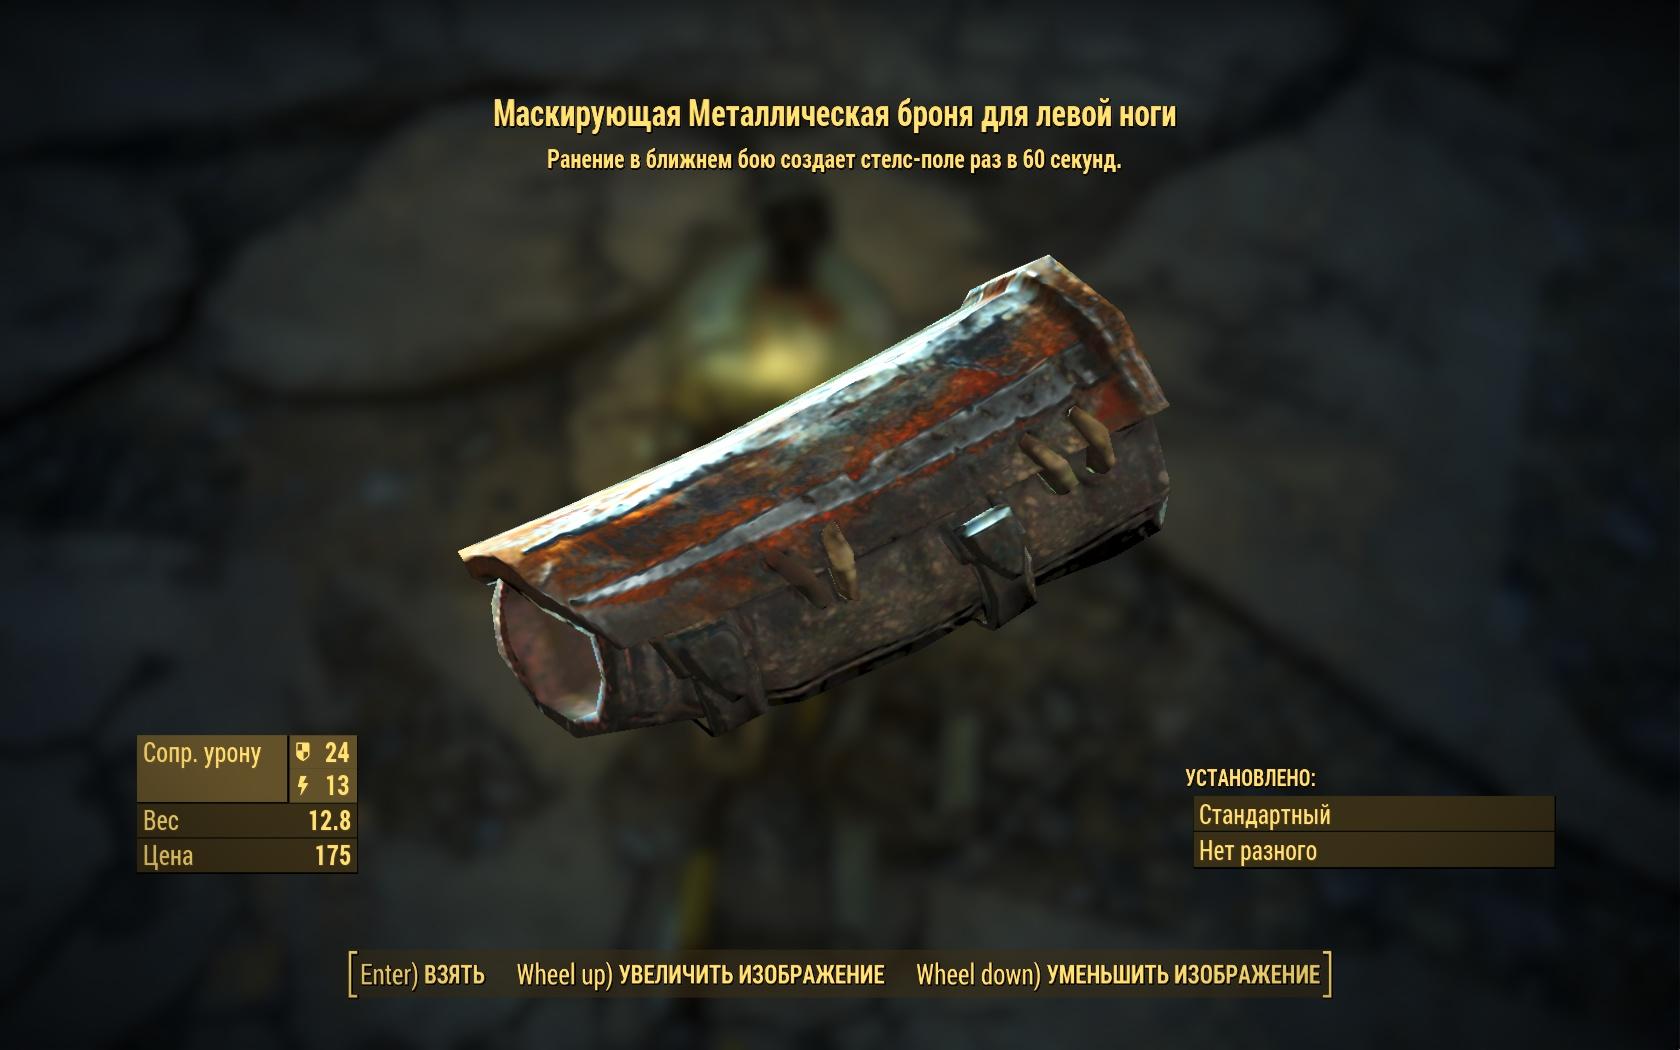 Маскирующая металлическая броня для левой ноги - Fallout 4 броня, Маскирующая, металлическая, Одежда